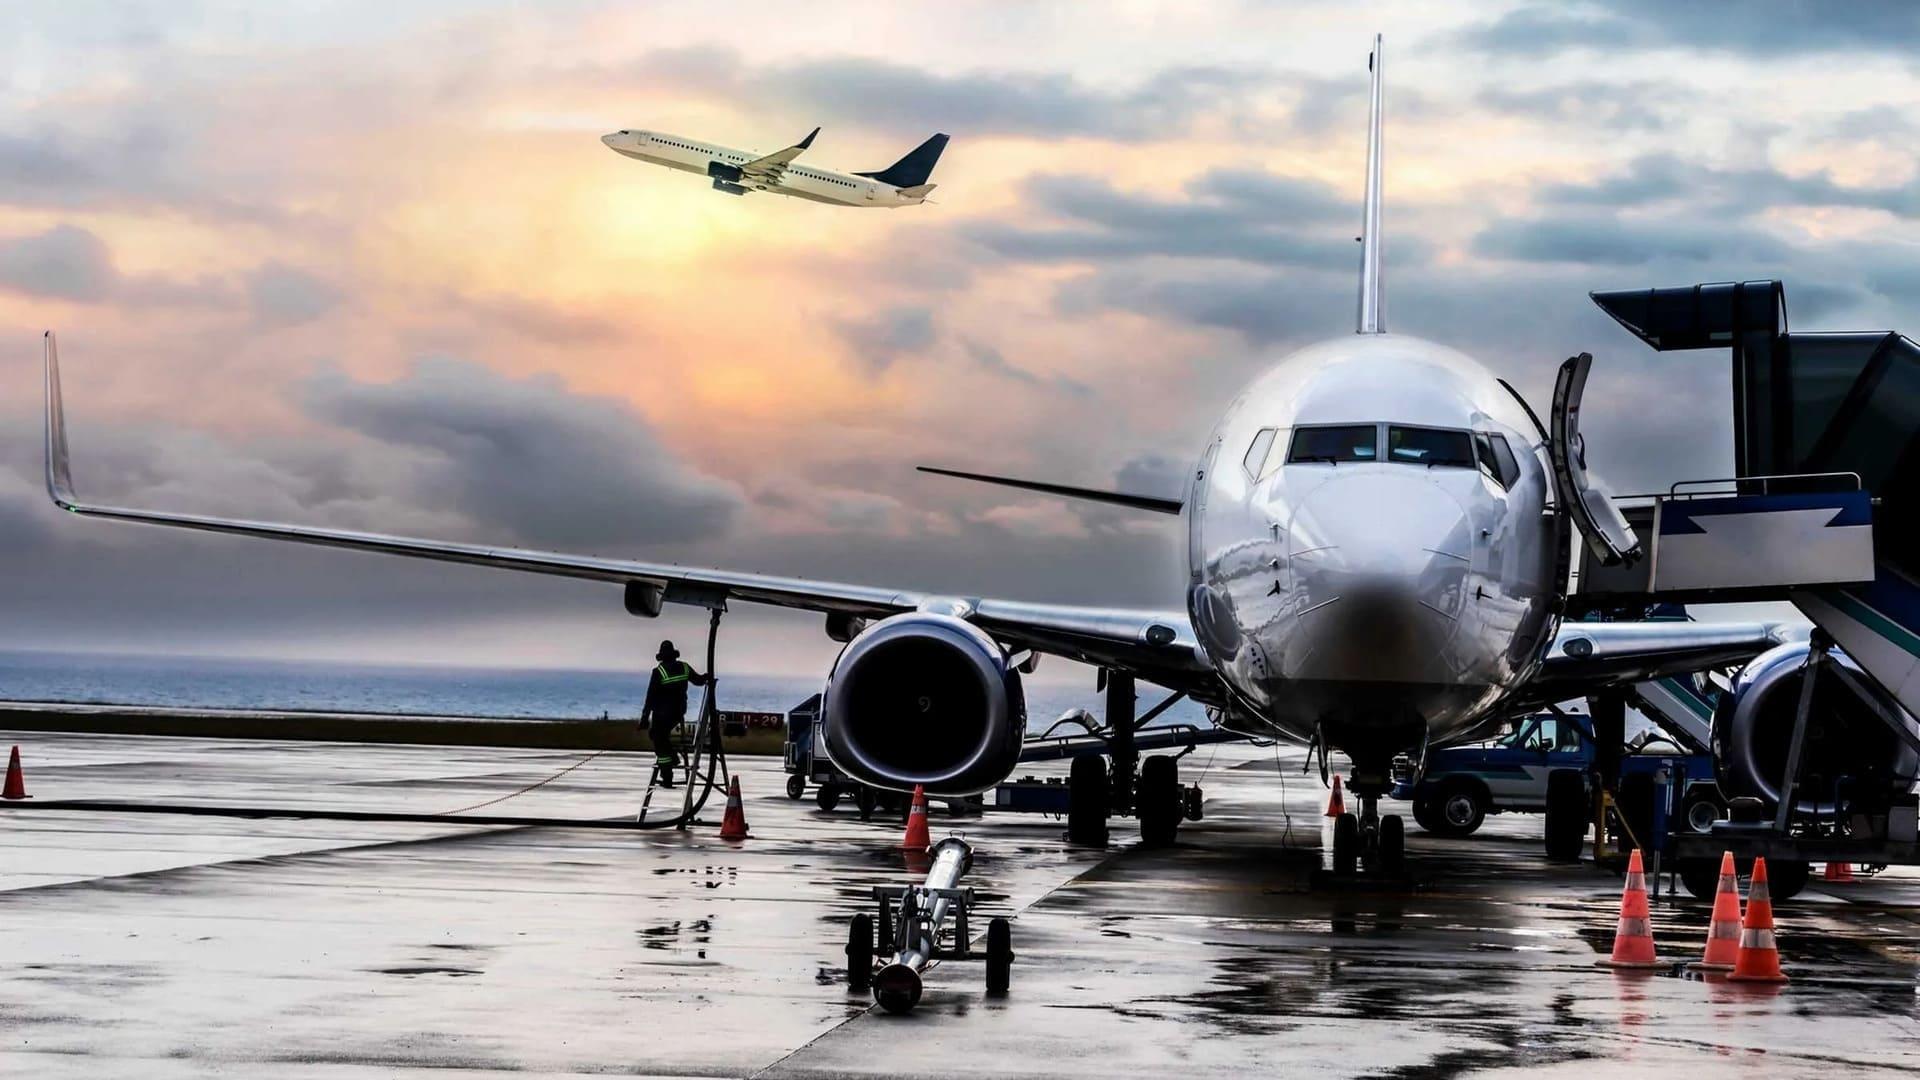 Avion en ravitaillement au sol maitrise des process de sécurité formation à distance ATPL théorique avion